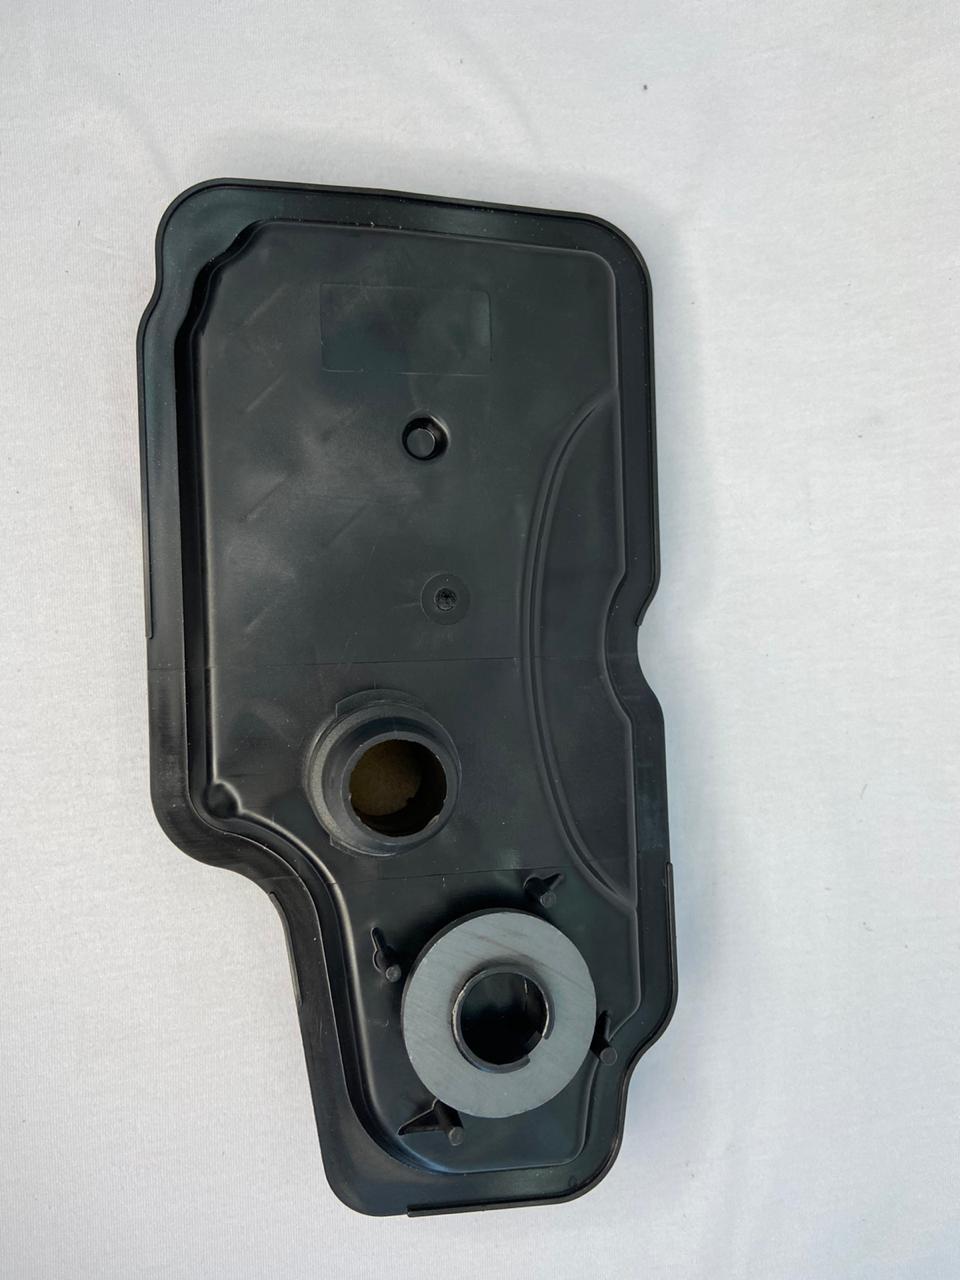 Filtro de óleo do cambio MALIBU/CAPTIVA SPORT